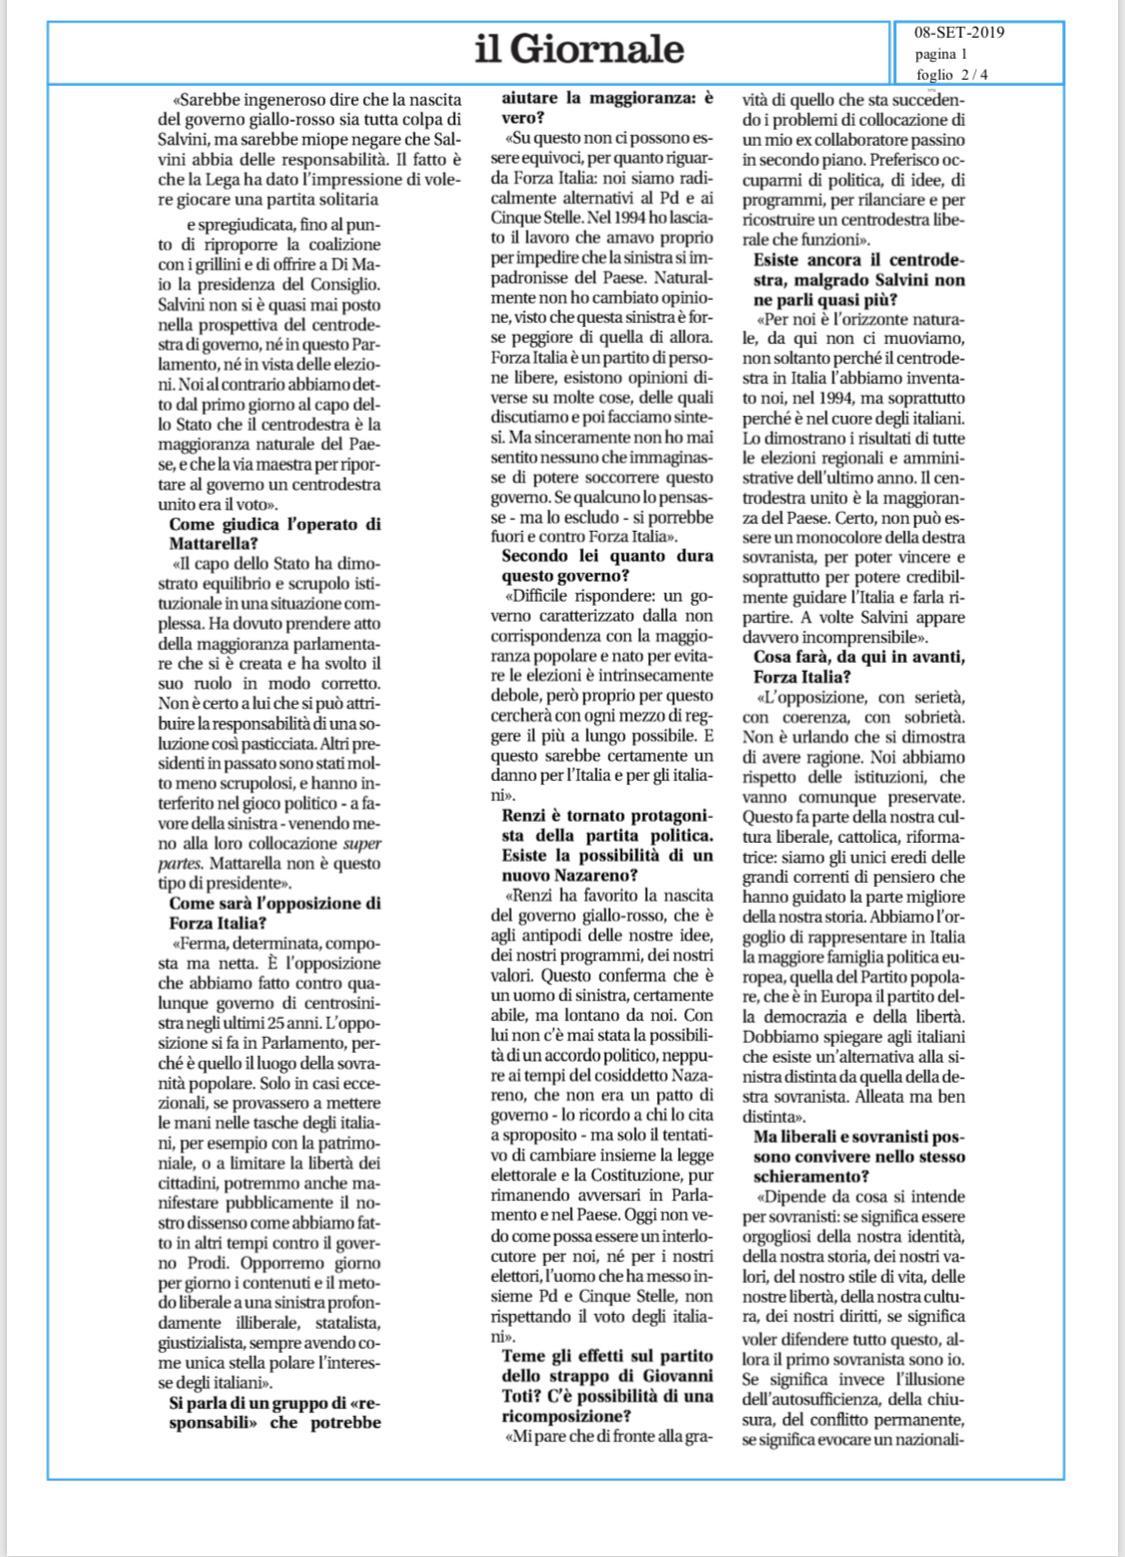 Berlusconi illustra la linea di Forza Italia al Giornale 5